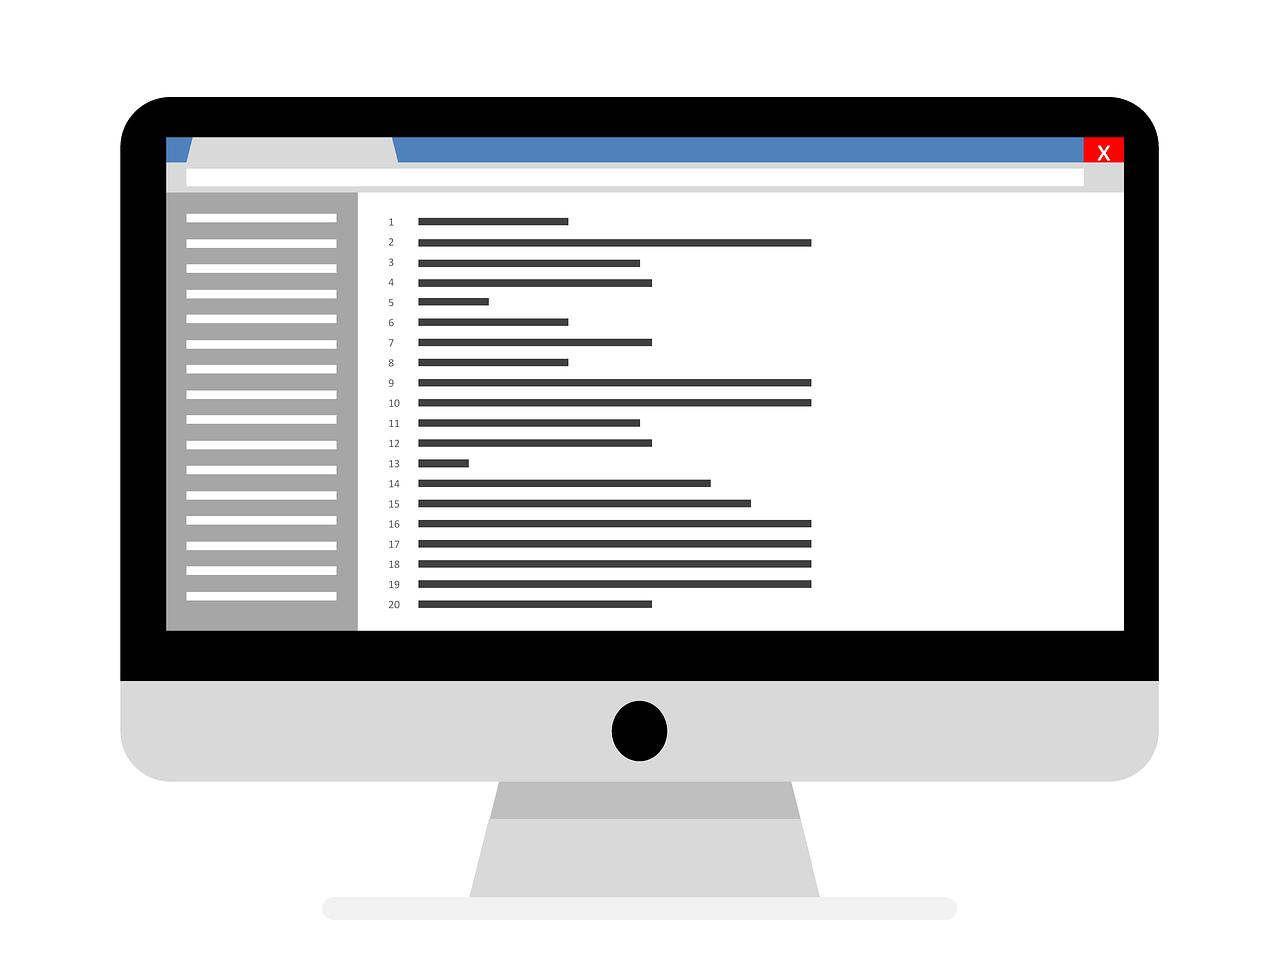 コード画面のイラスト